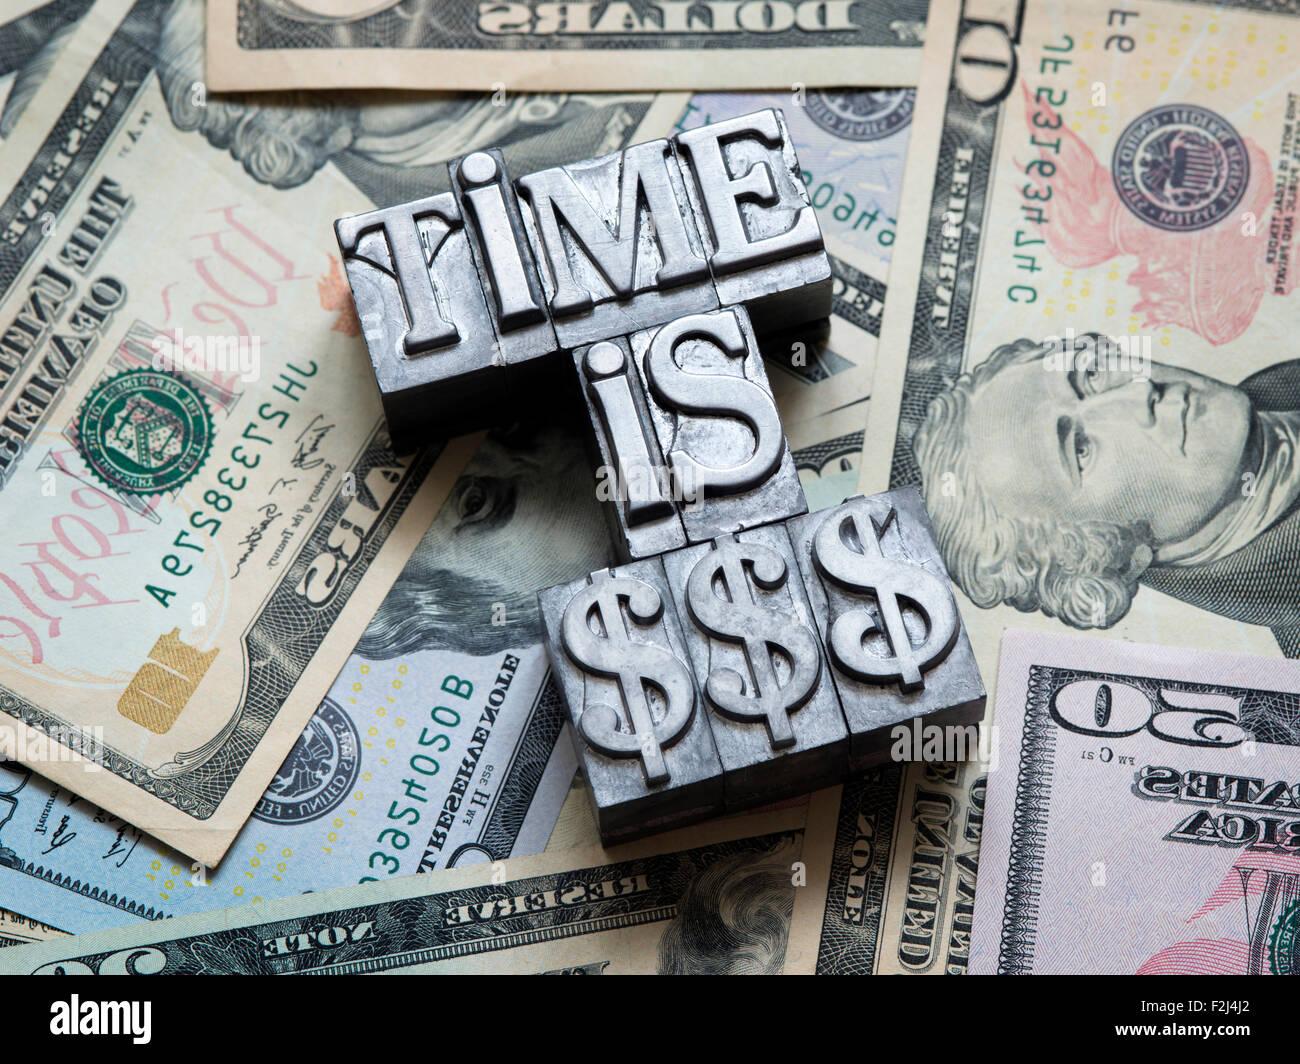 Zeit ist Geld-Konzept aus metallischen Buchdruck auf Haufen von US-Dollar hergestellt Stockbild